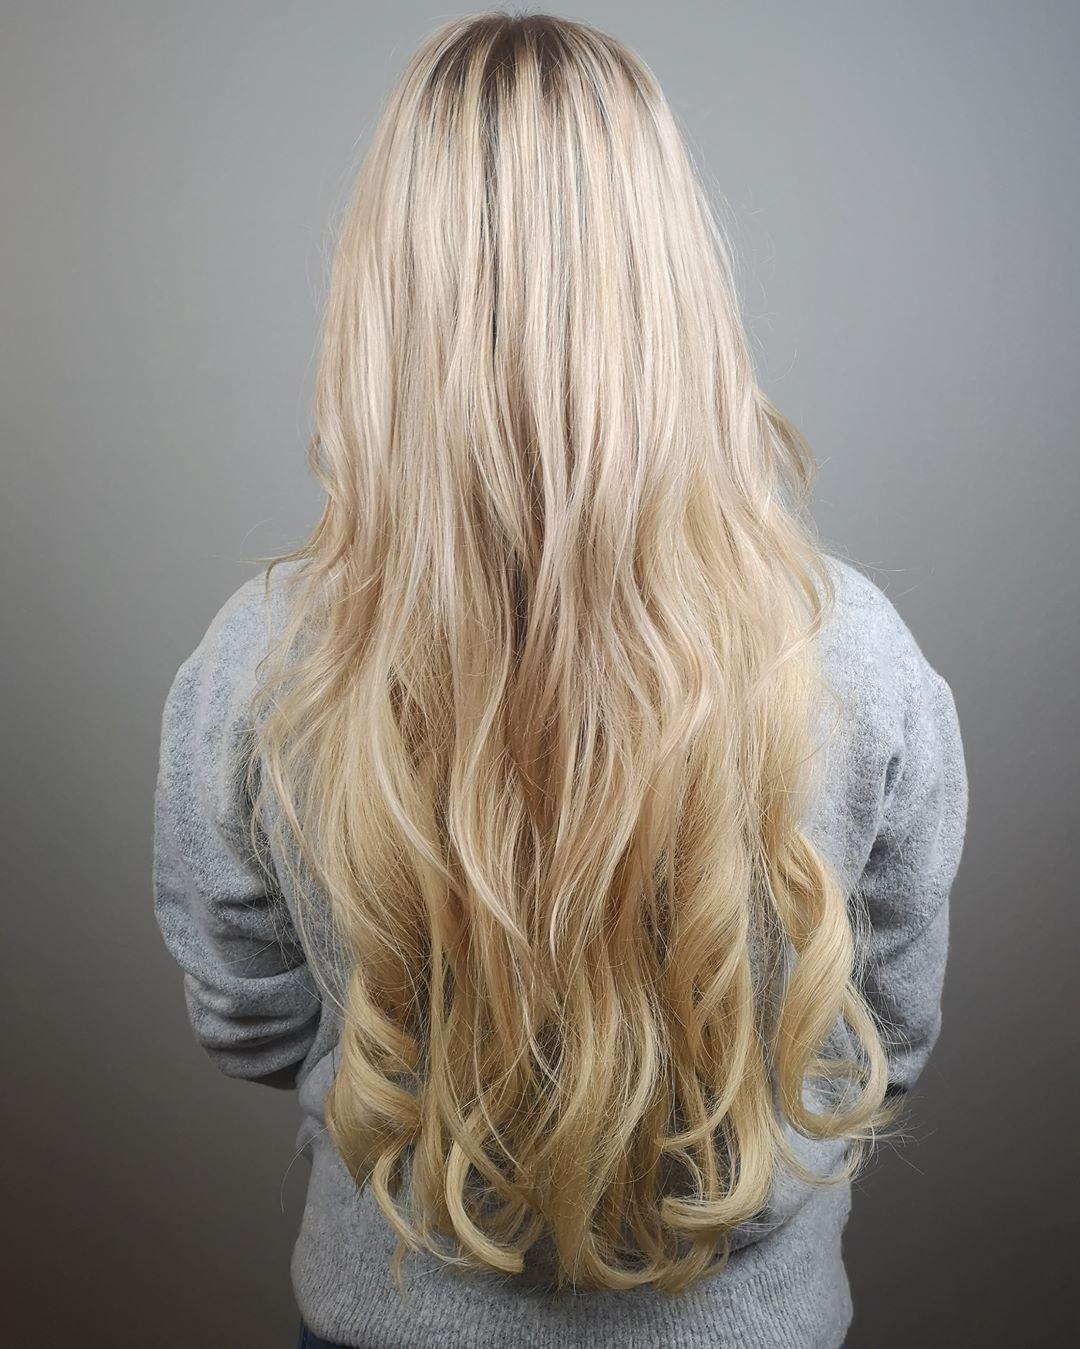 Get The Insta Look Auch Mal Ohne Stundenlangen Aufwand Aussehen Wie Die Beauties Von Insta Mit Echthaar Extensions Hairstyle Hair Styles Long Hair Styles